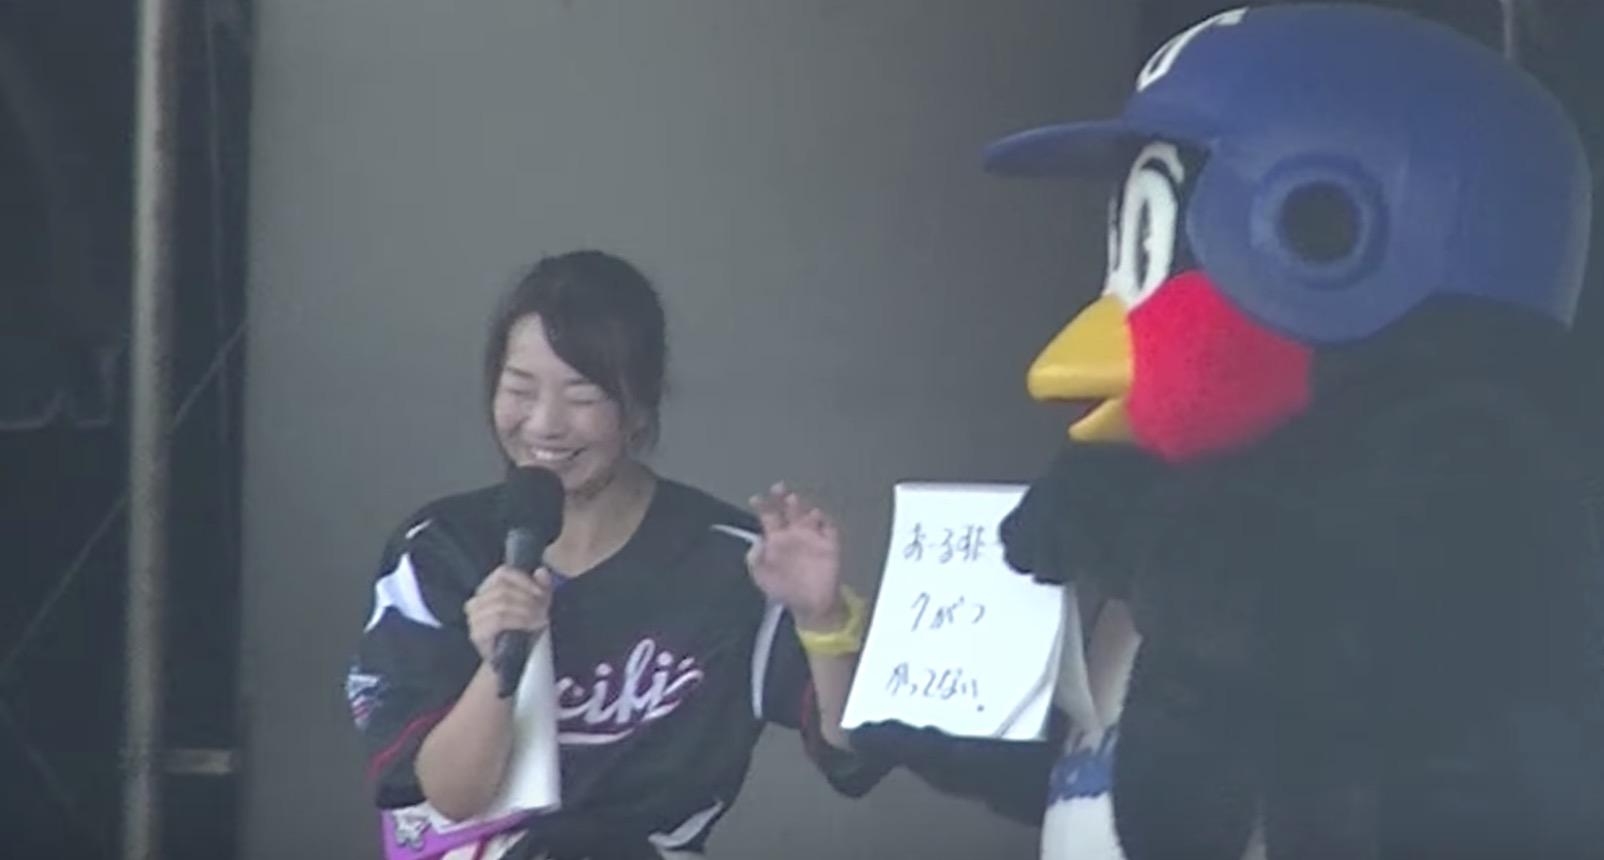 つば九郎の「こんなオールスターは嫌だ」が相変わらず面白いと話題に笑